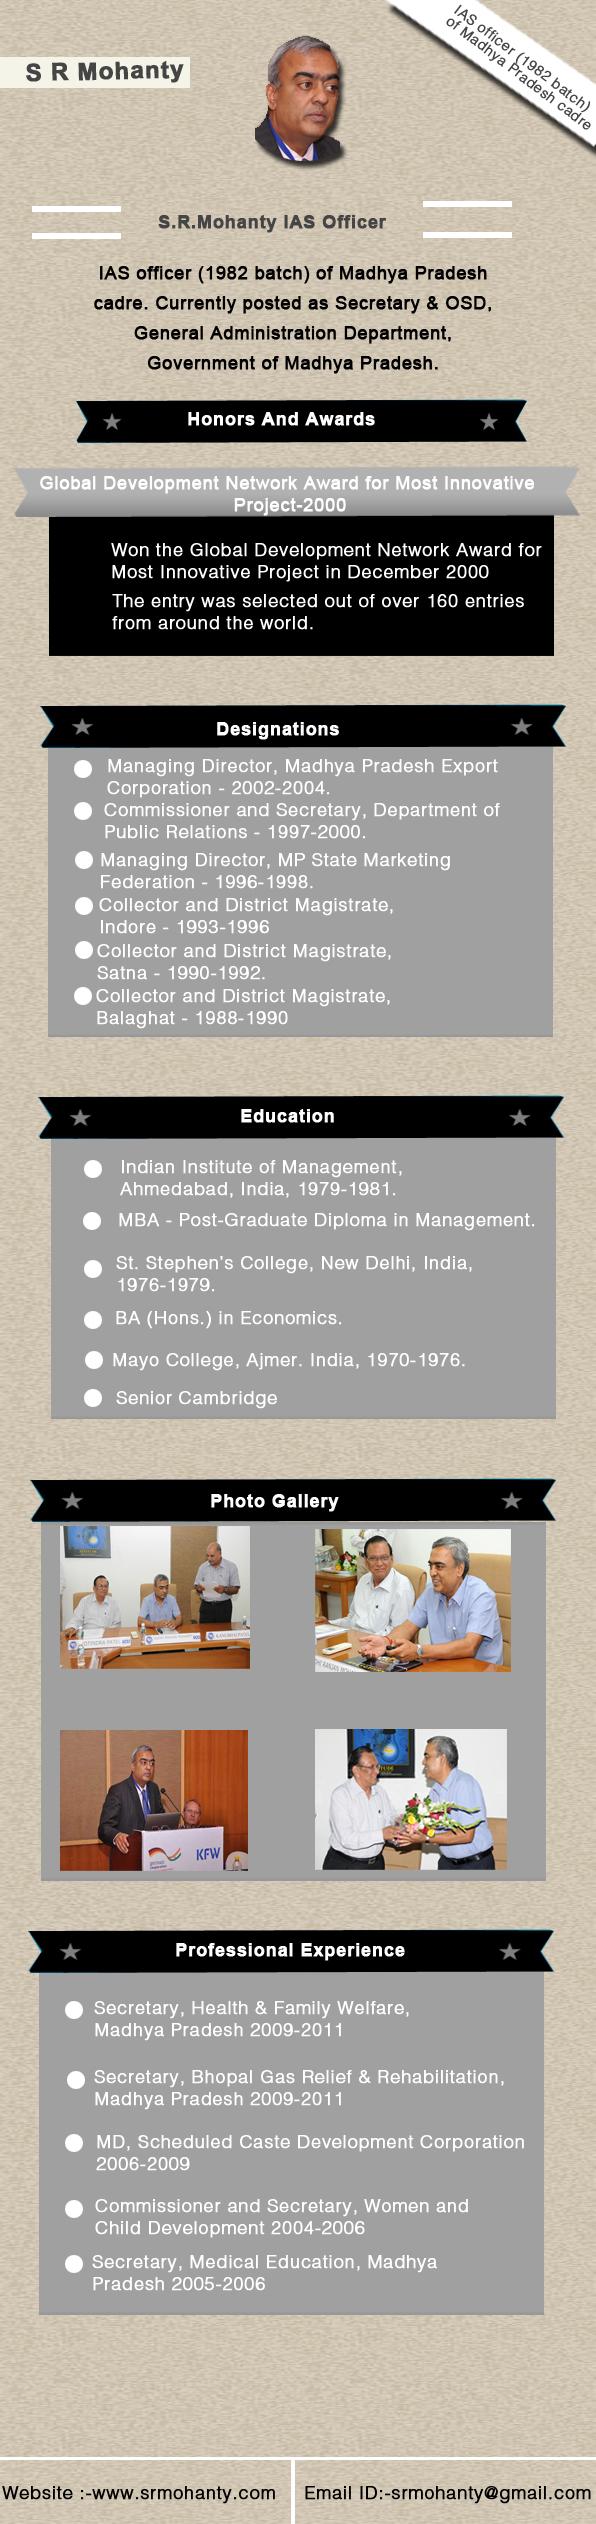 IAS S.R Mohanty Madhya Pradesh India